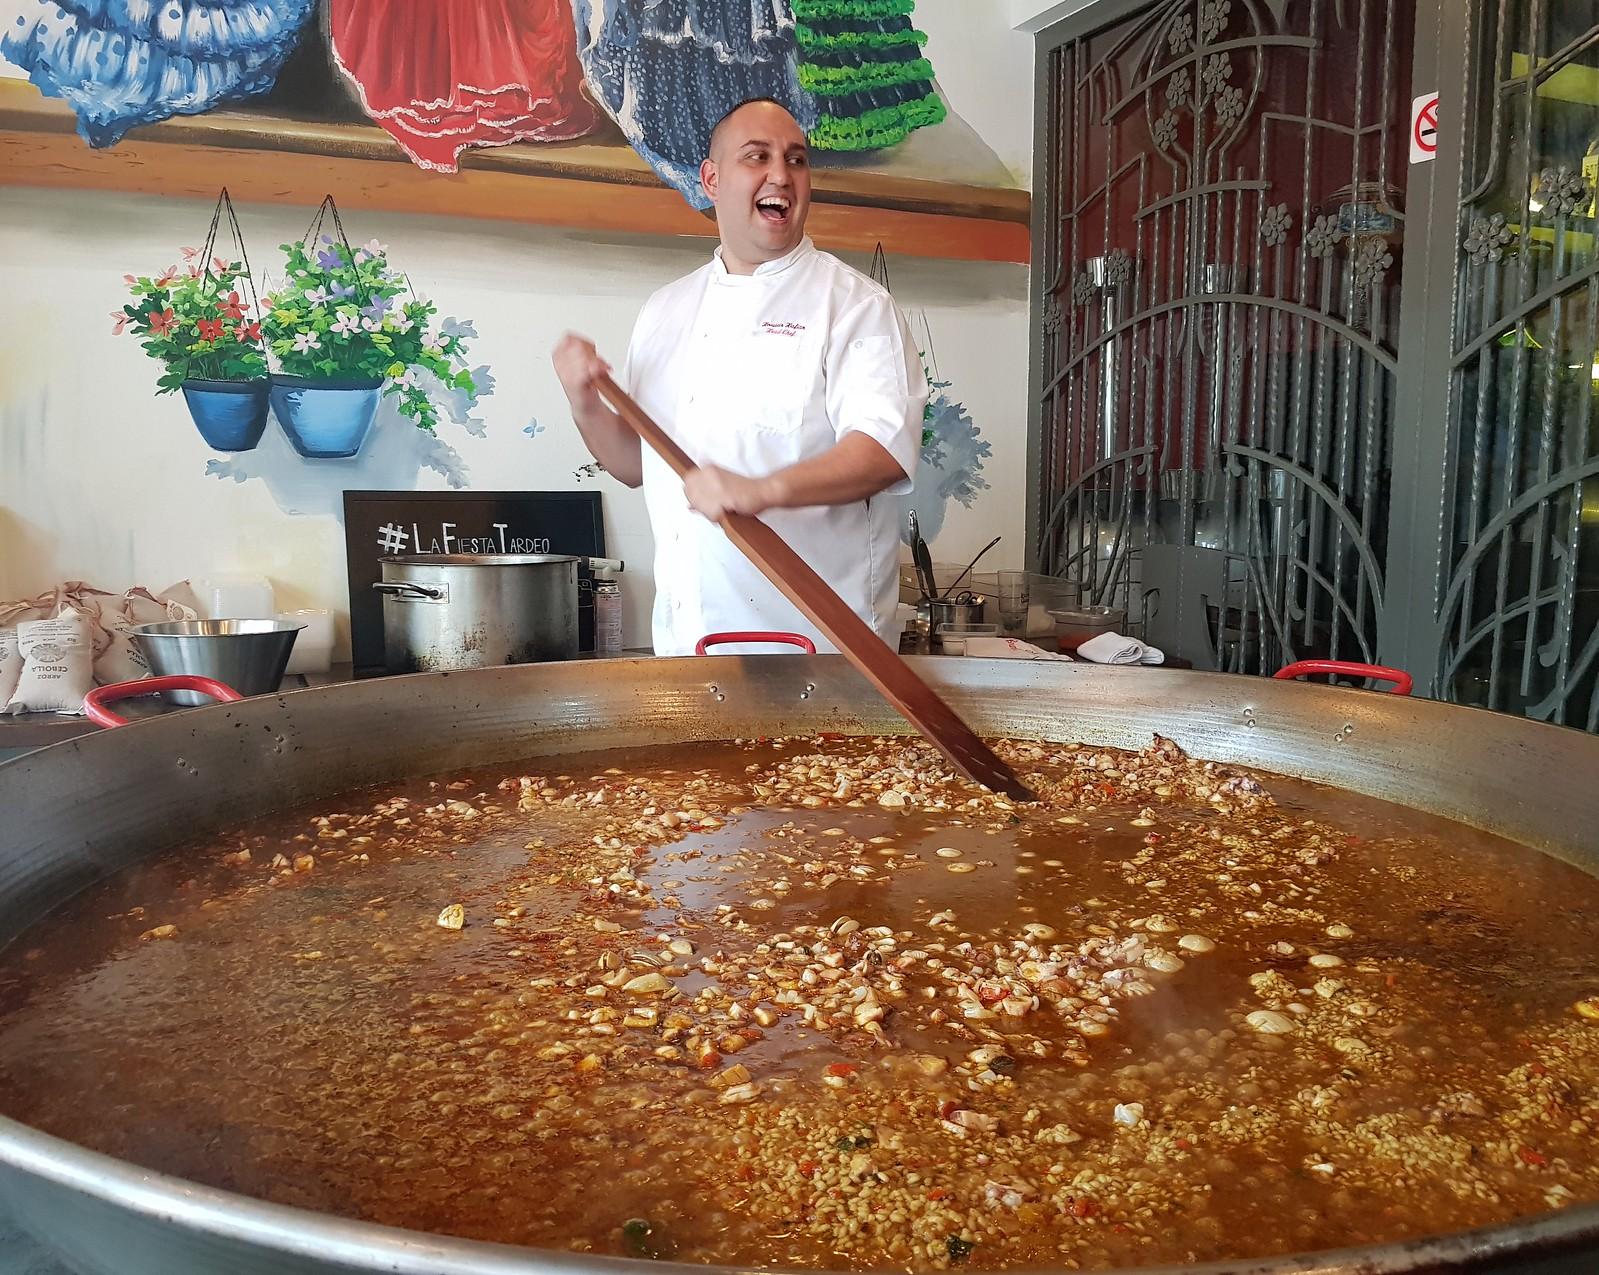 世界海鲜饭日 - 海鲜饭的巨大潘